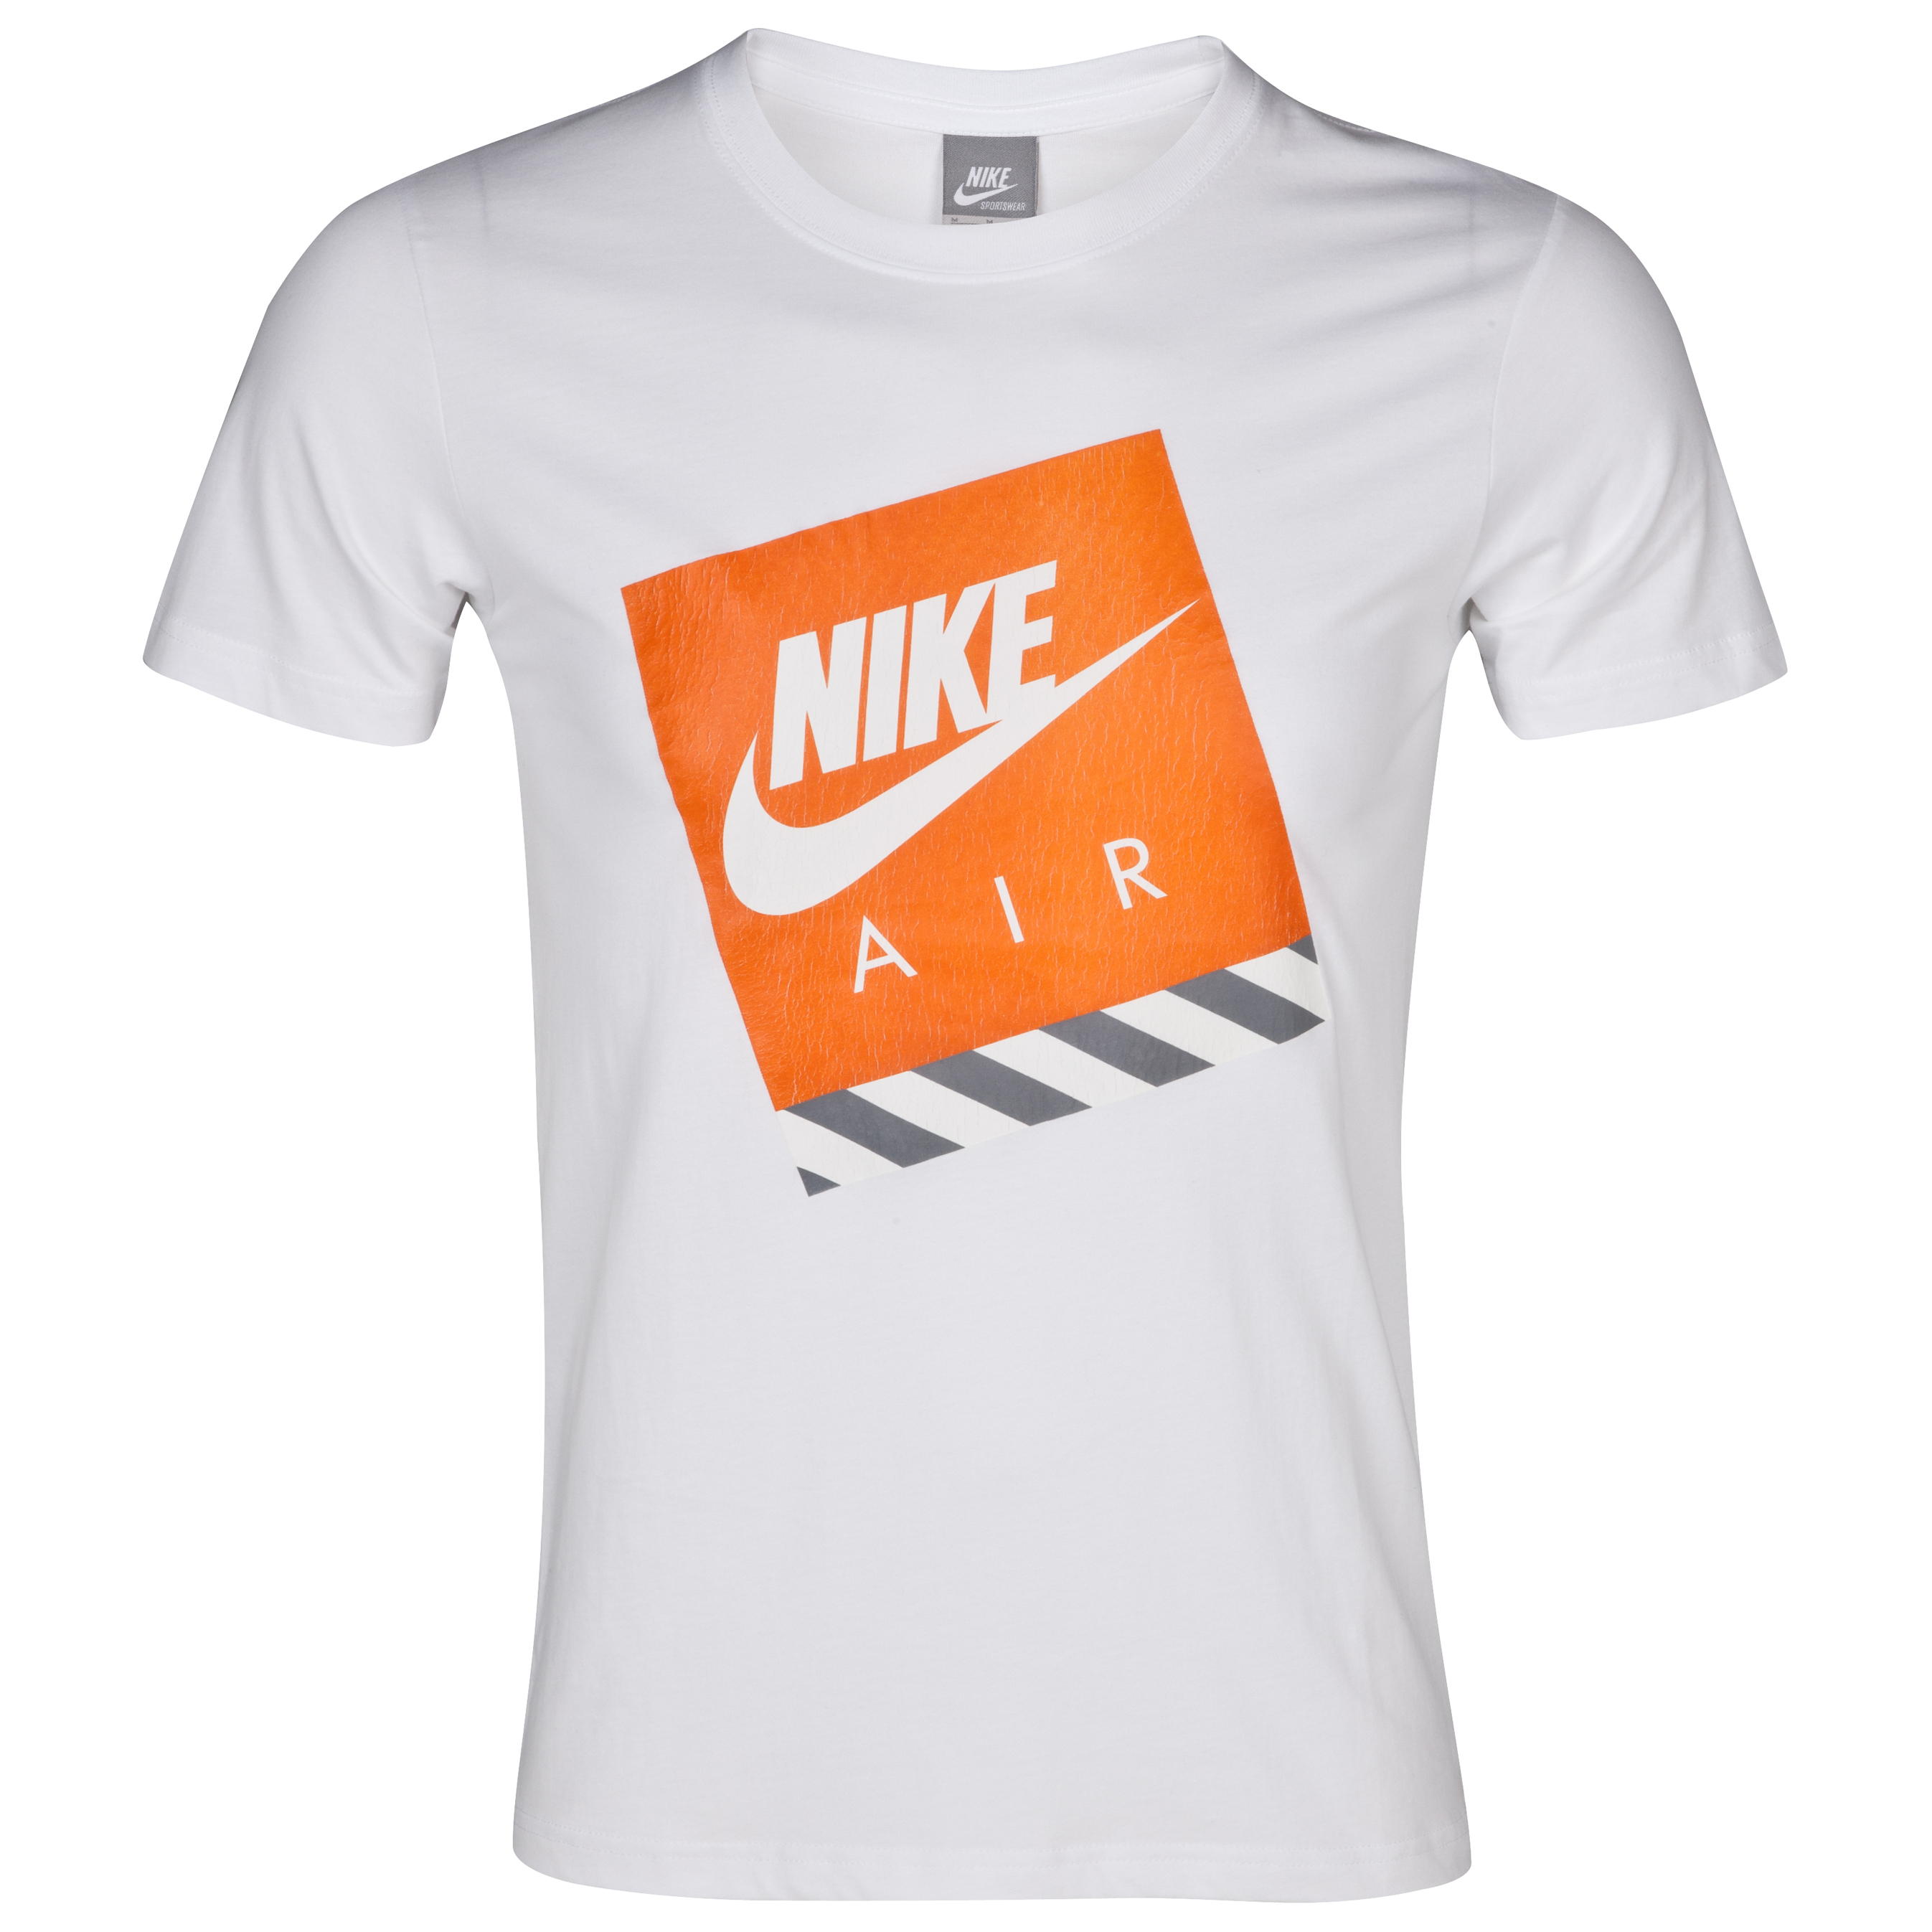 Nike RU AMX Air Logo Tee - White/Sail